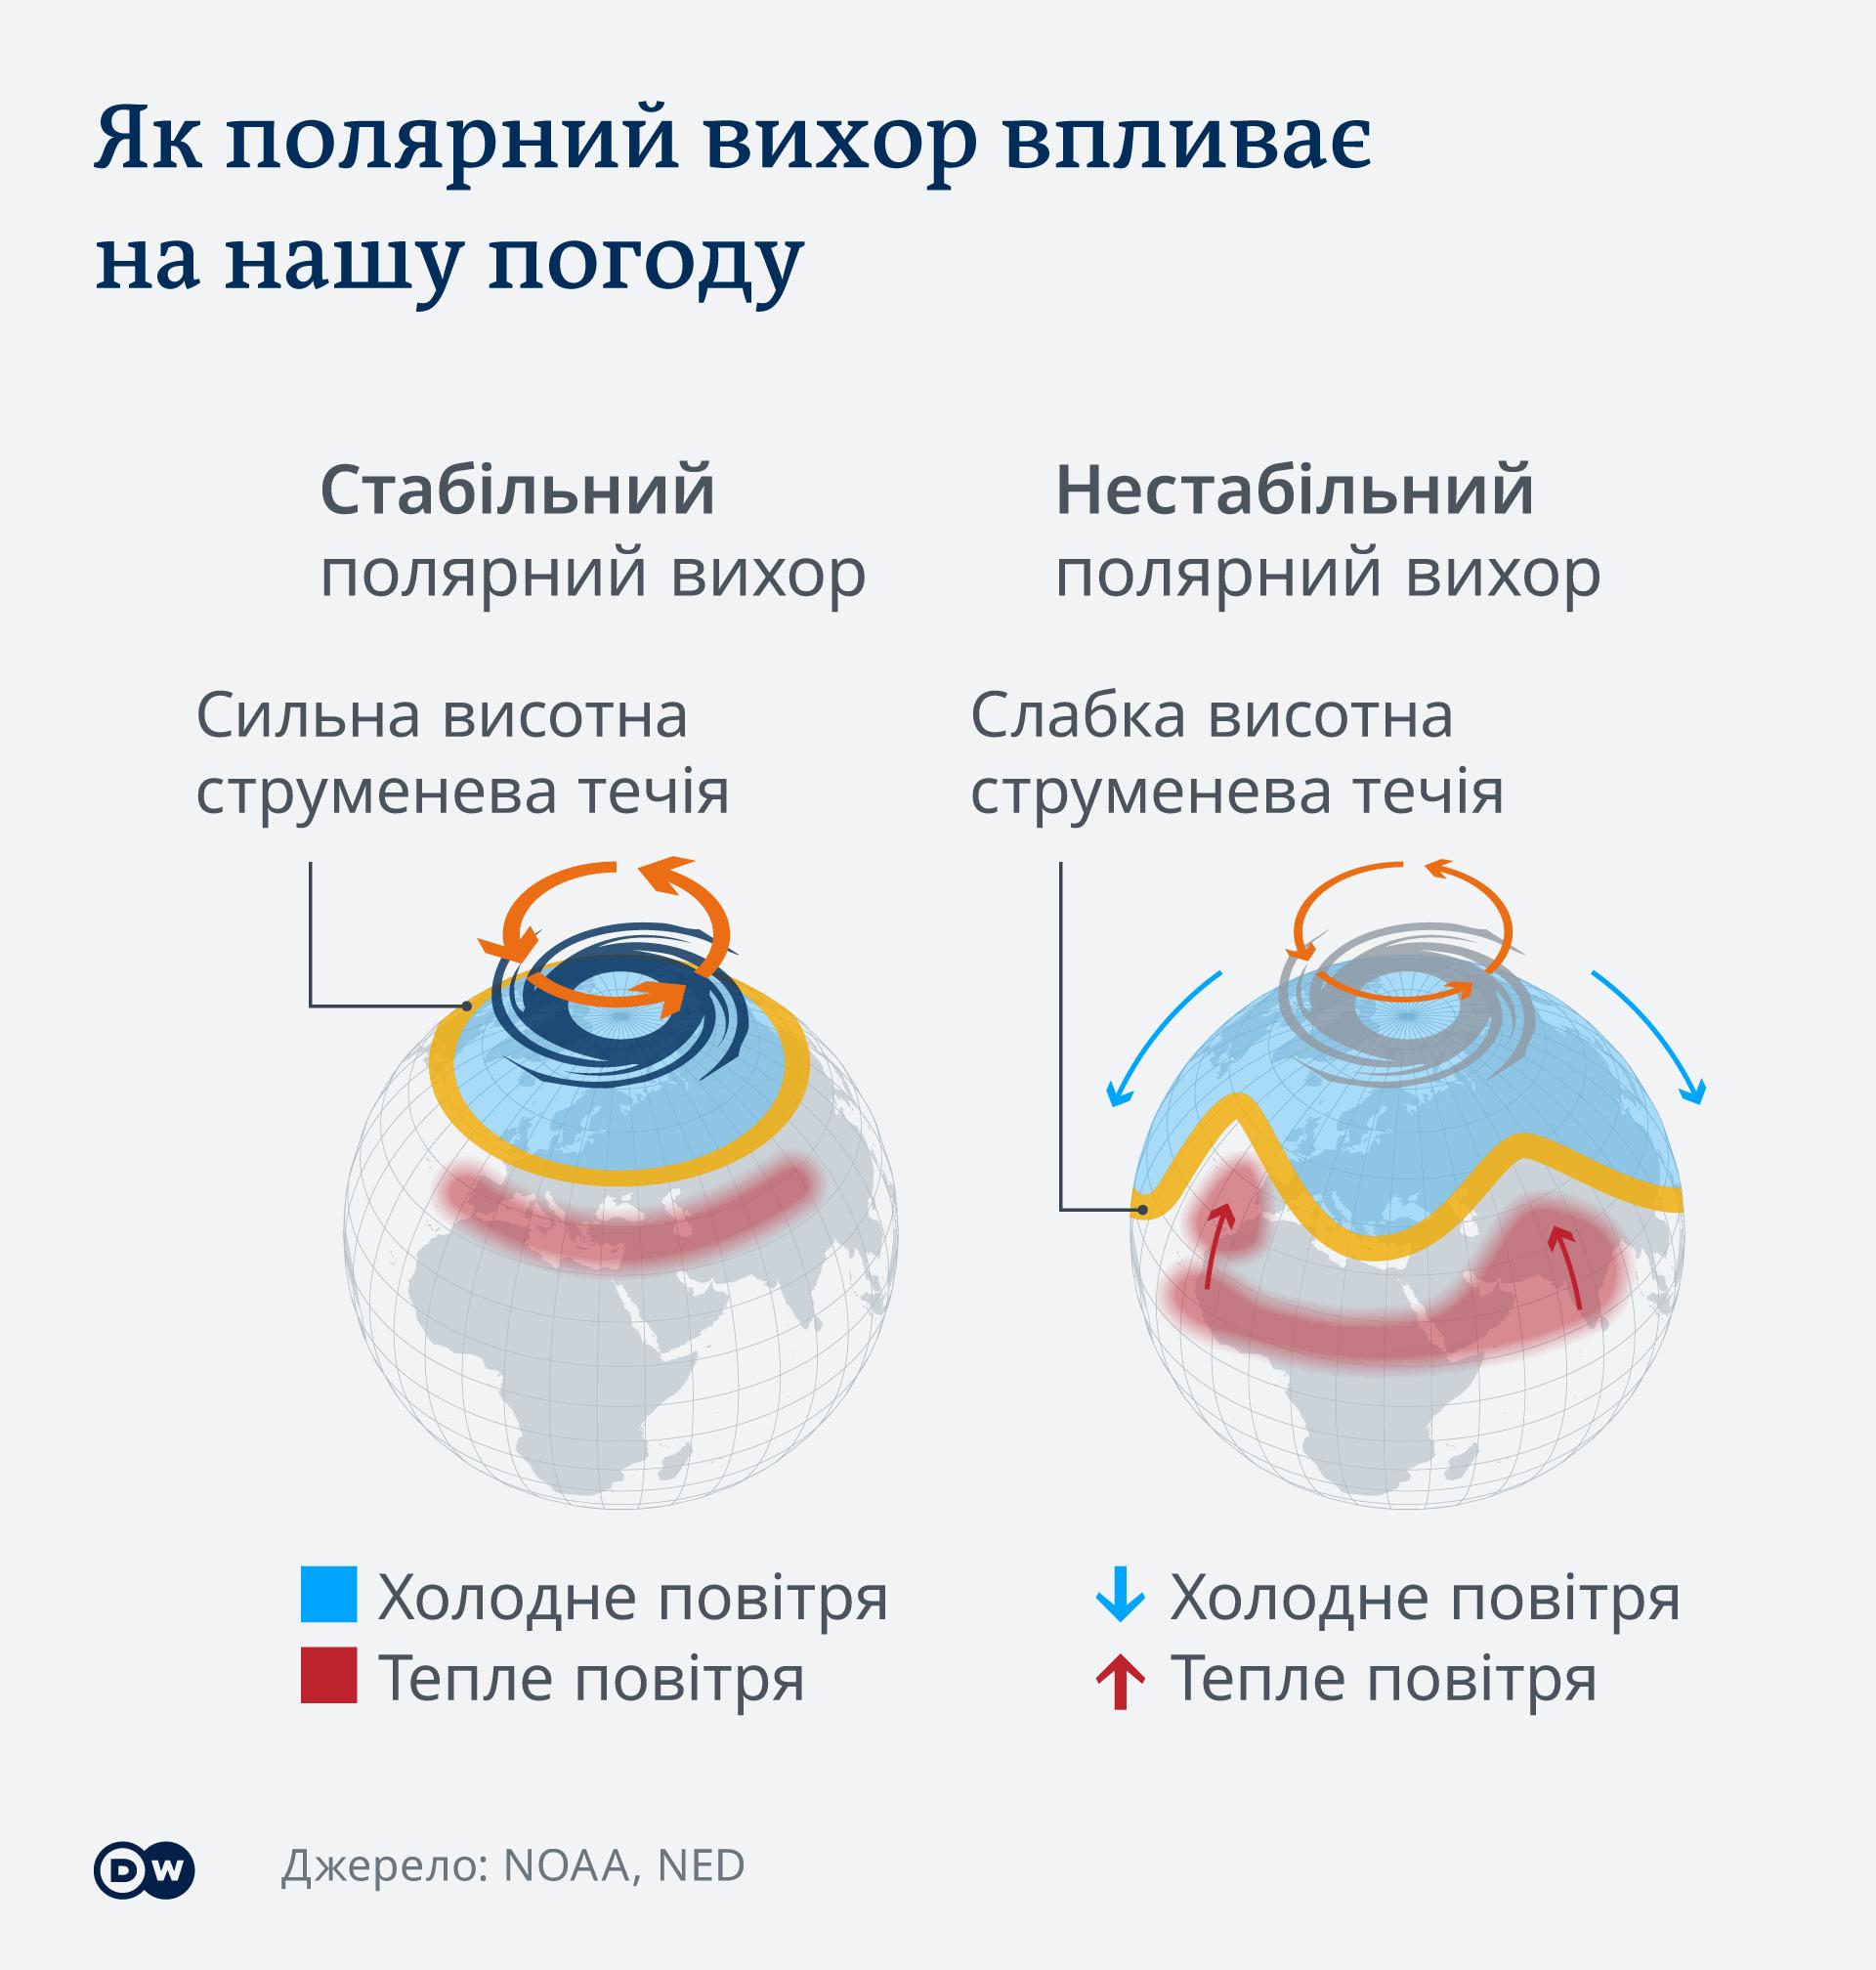 Інфографіка Як полярний вихор впливає на погоду в Європі